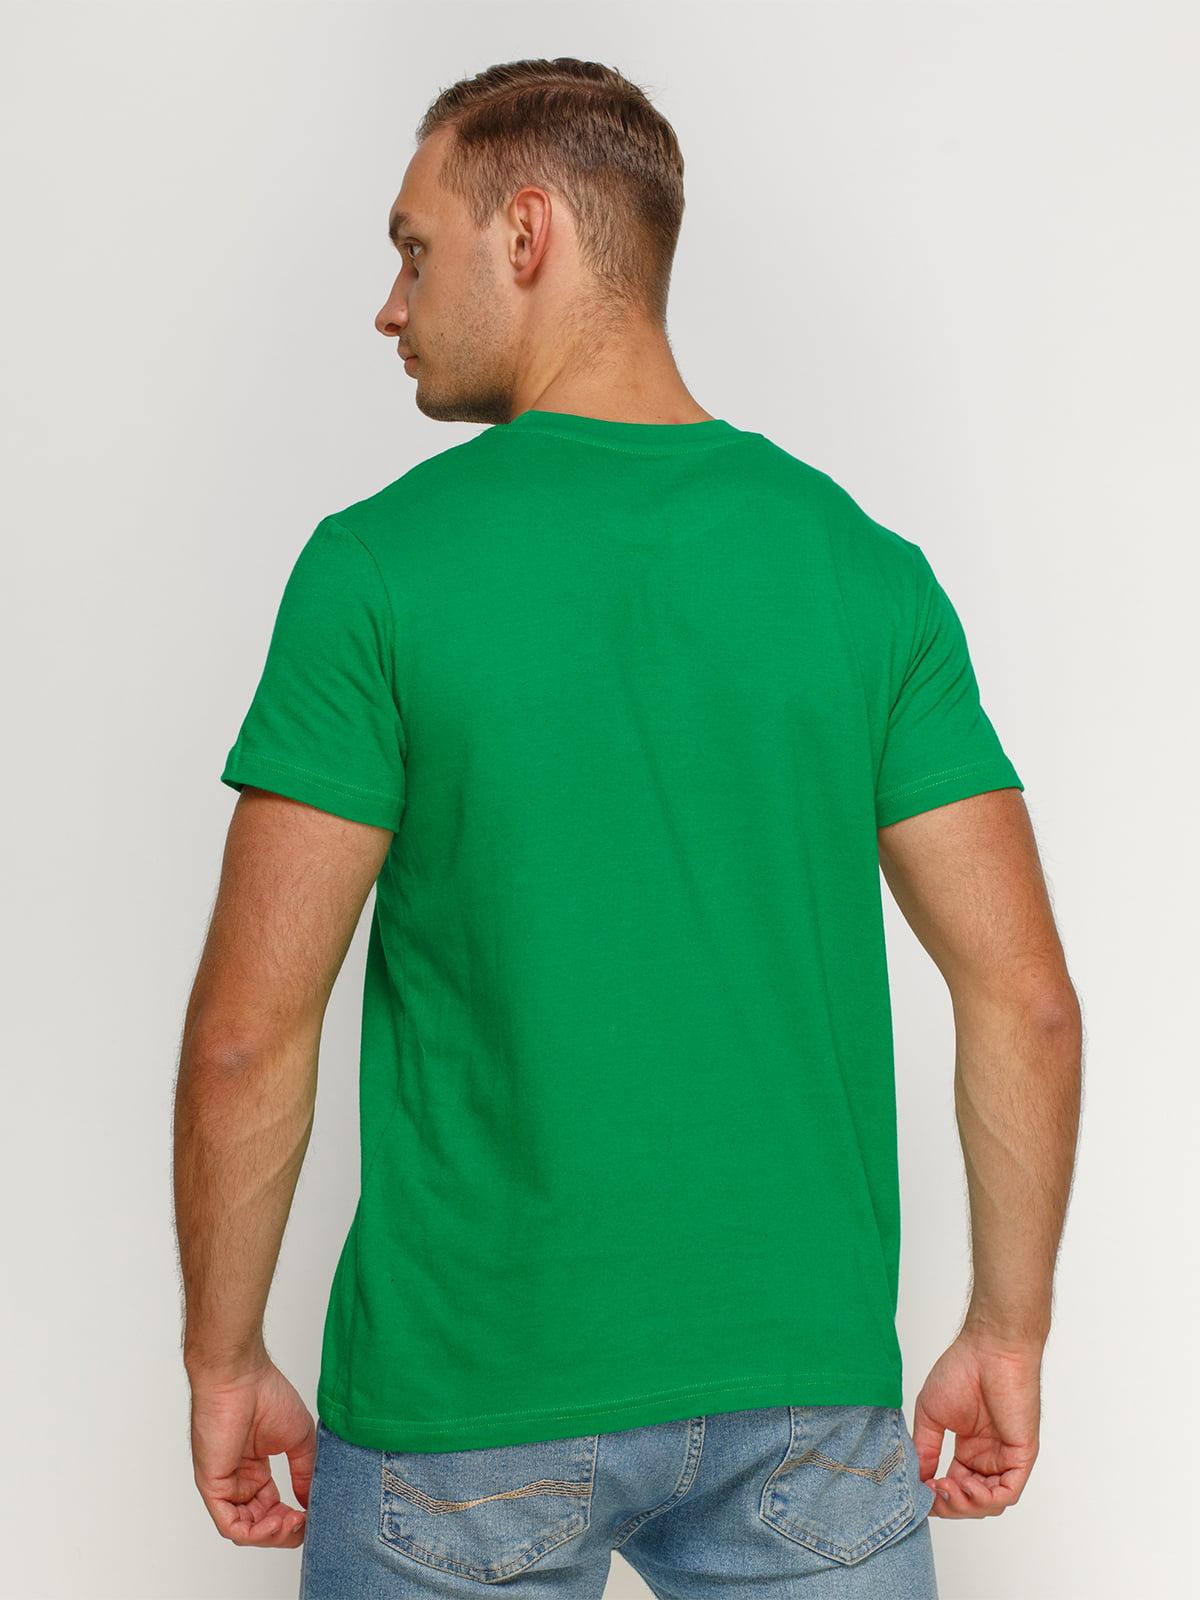 Футболка зелена з принтом | 4577897 | фото 2